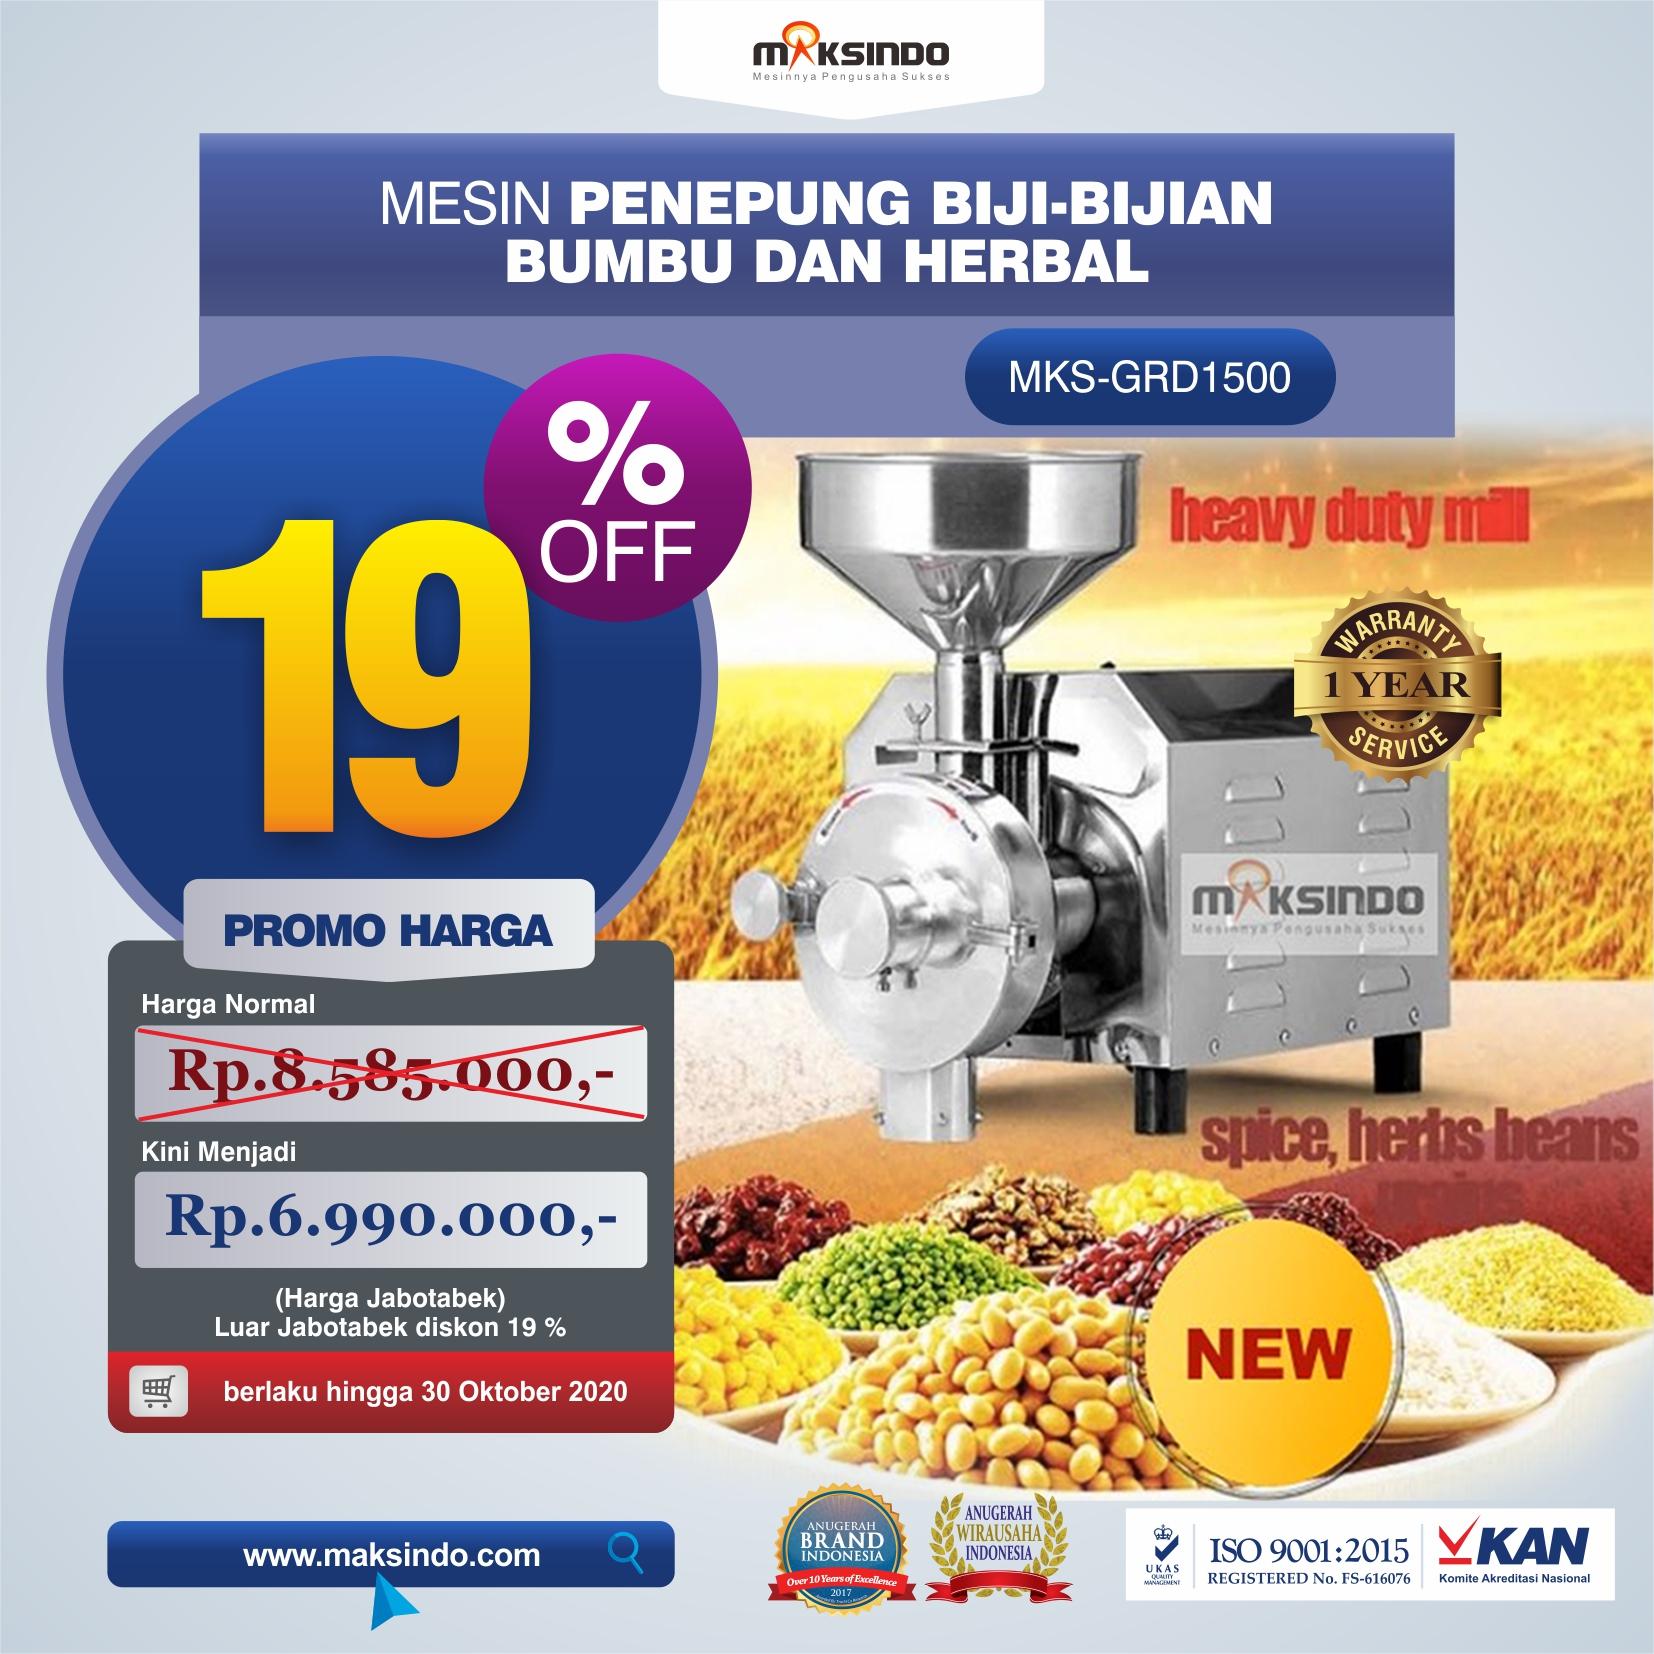 Jual Penepung Biji, Bumbu dan Herbal di Yogyakarta